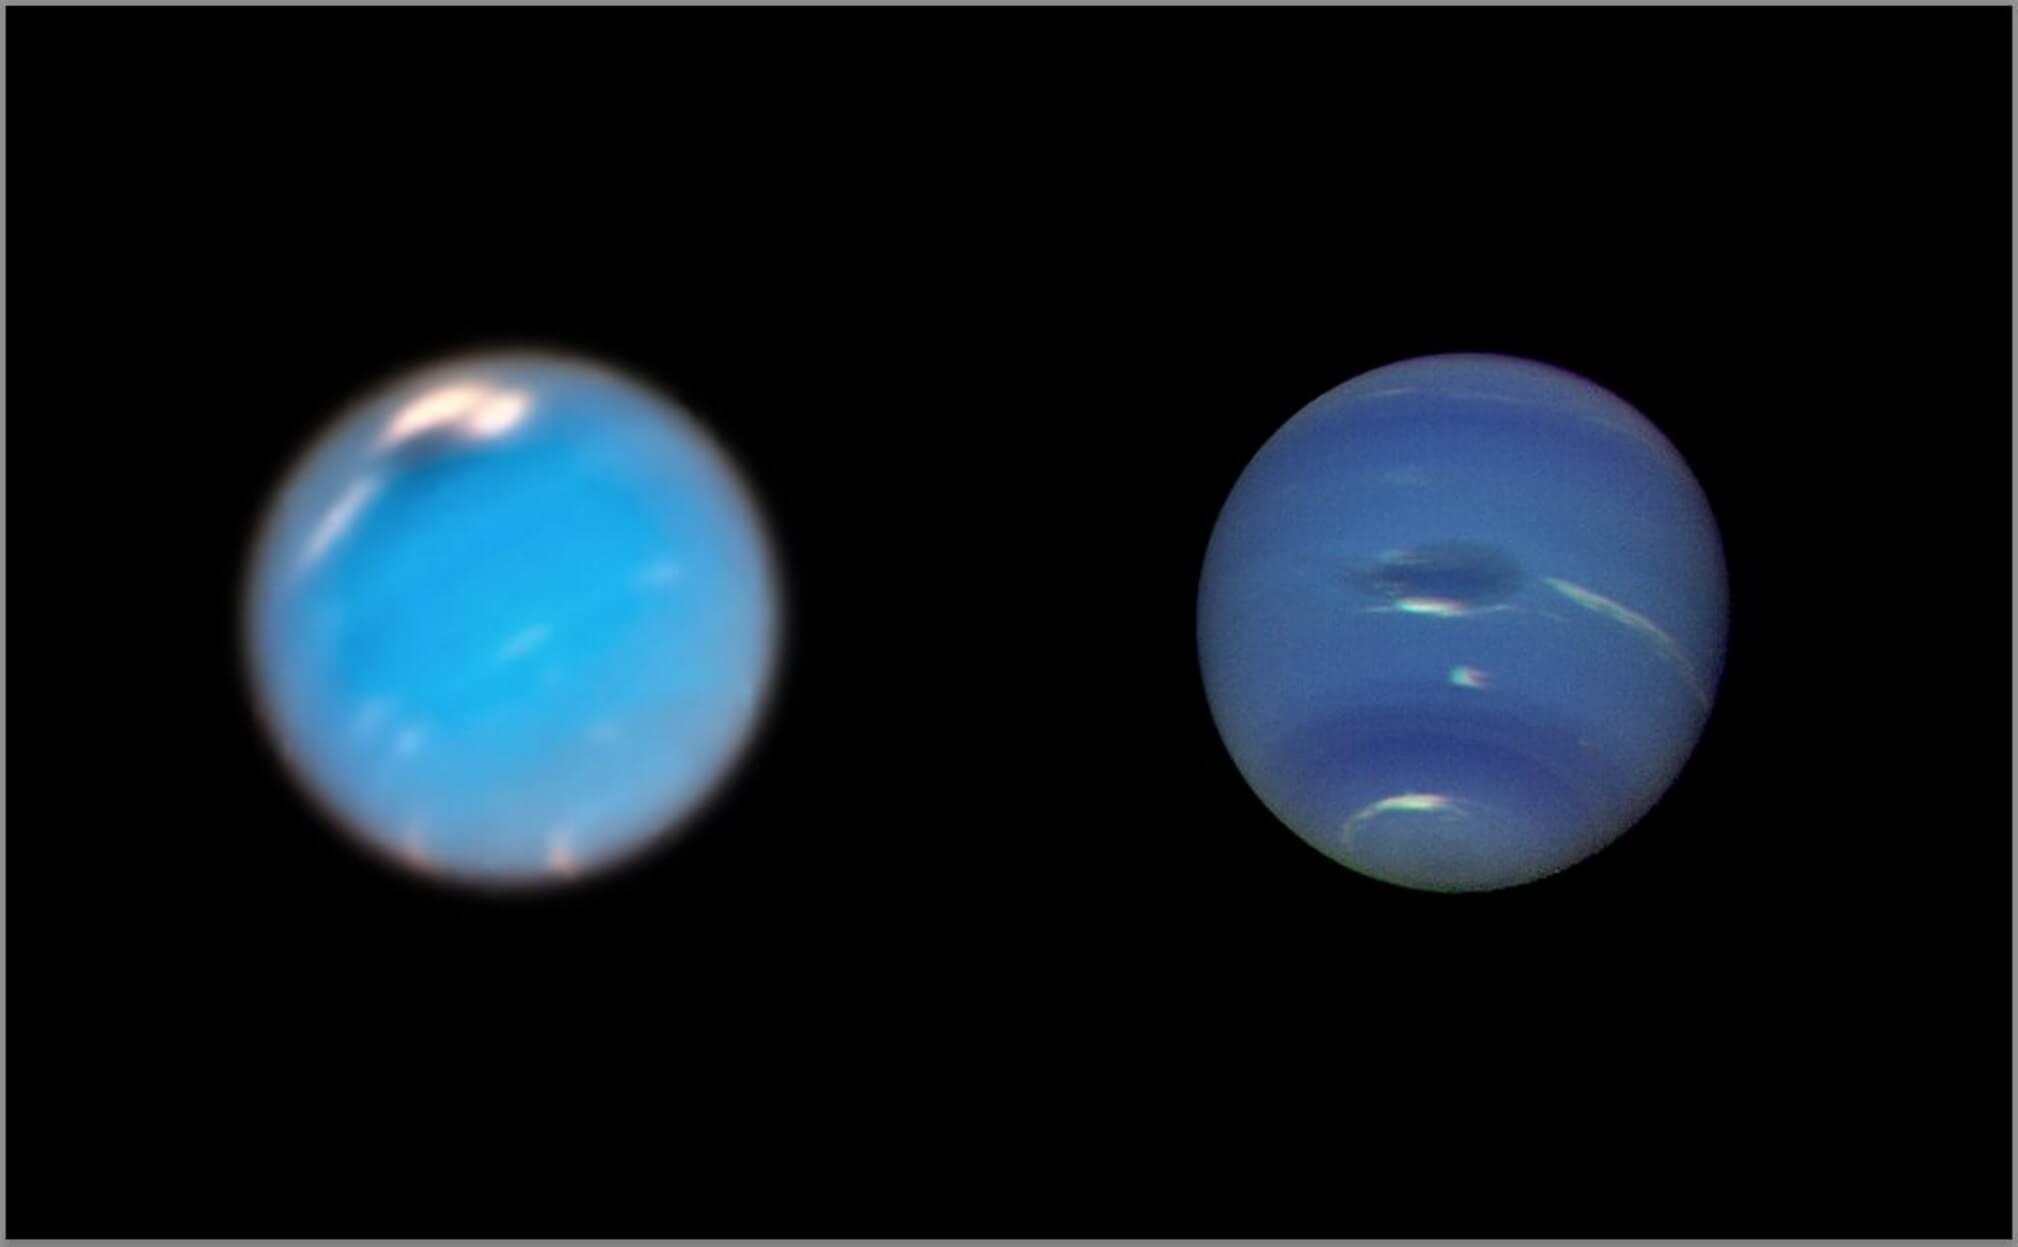 Το Hubble κατέγραψε τη γέννηση μιας θυελλώδους μεγάλης σκοτεινής κηλίδας στον Ποσειδώνα